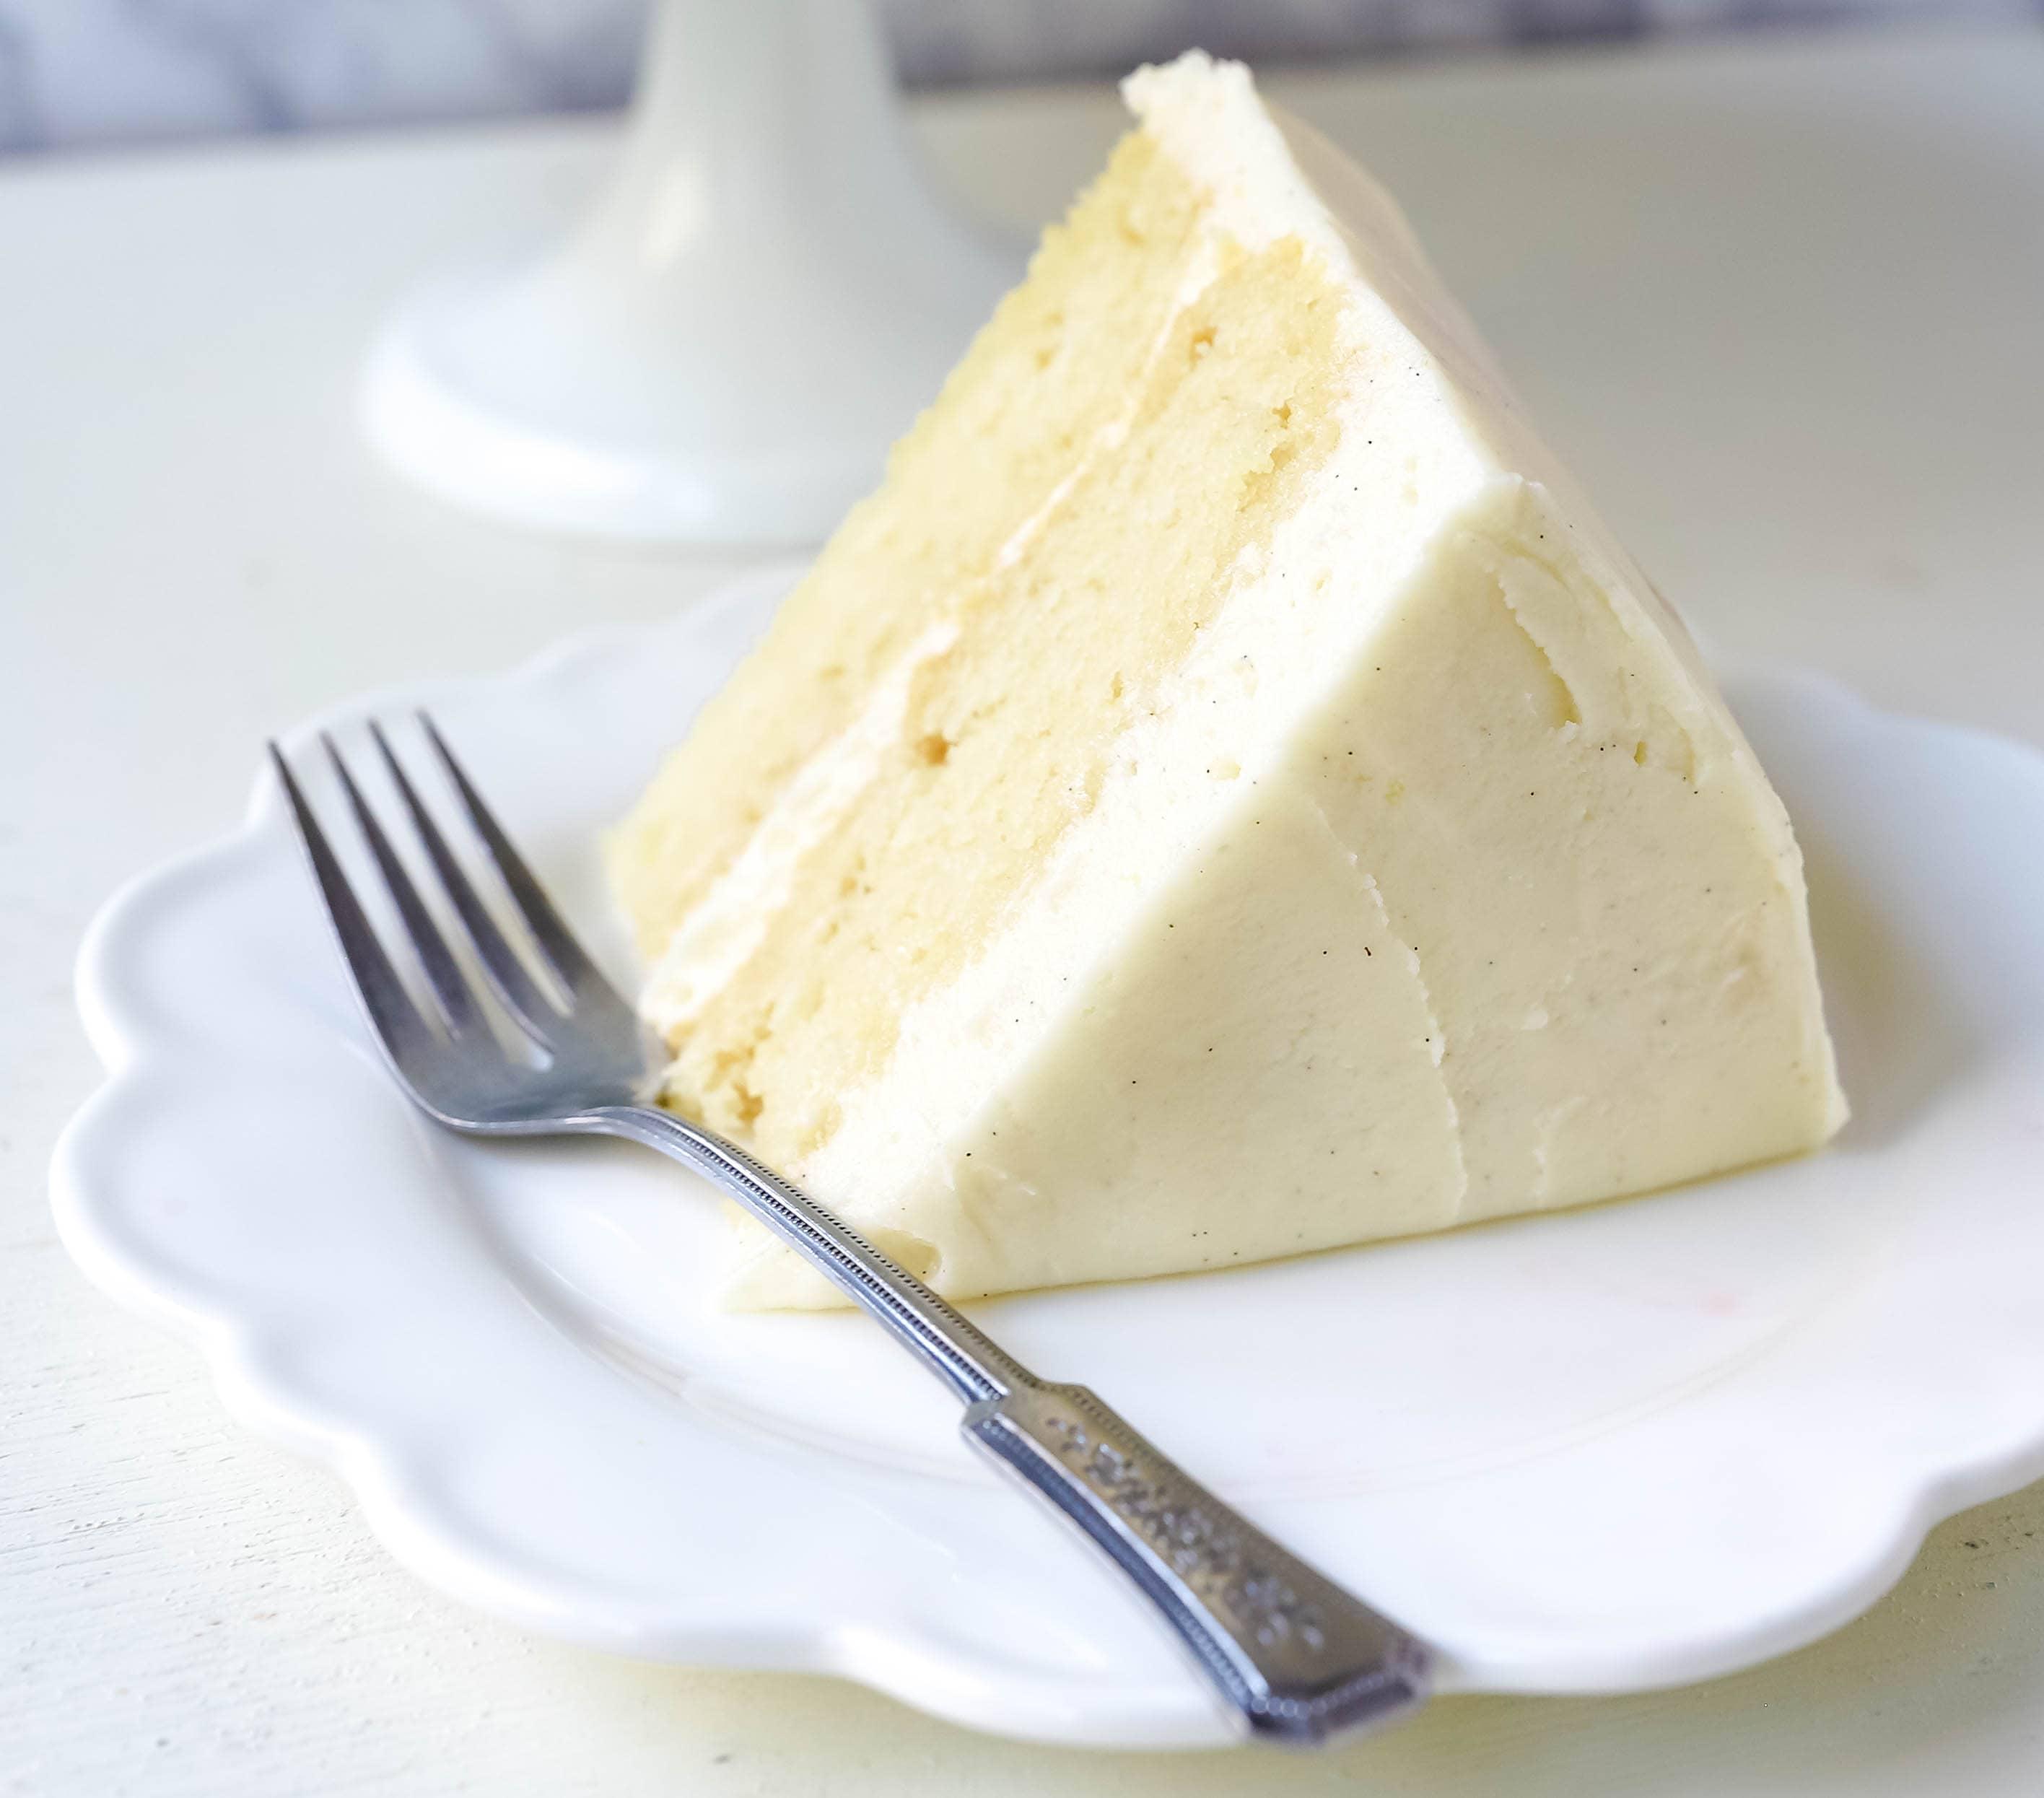 Vanilla Cake Recipe. The best homemade vanilla cake recipe with vanilla bean buttercream frosting.www.modernhoney.com #vanillacake #cake #cakerecipe #vanillacakerecipe